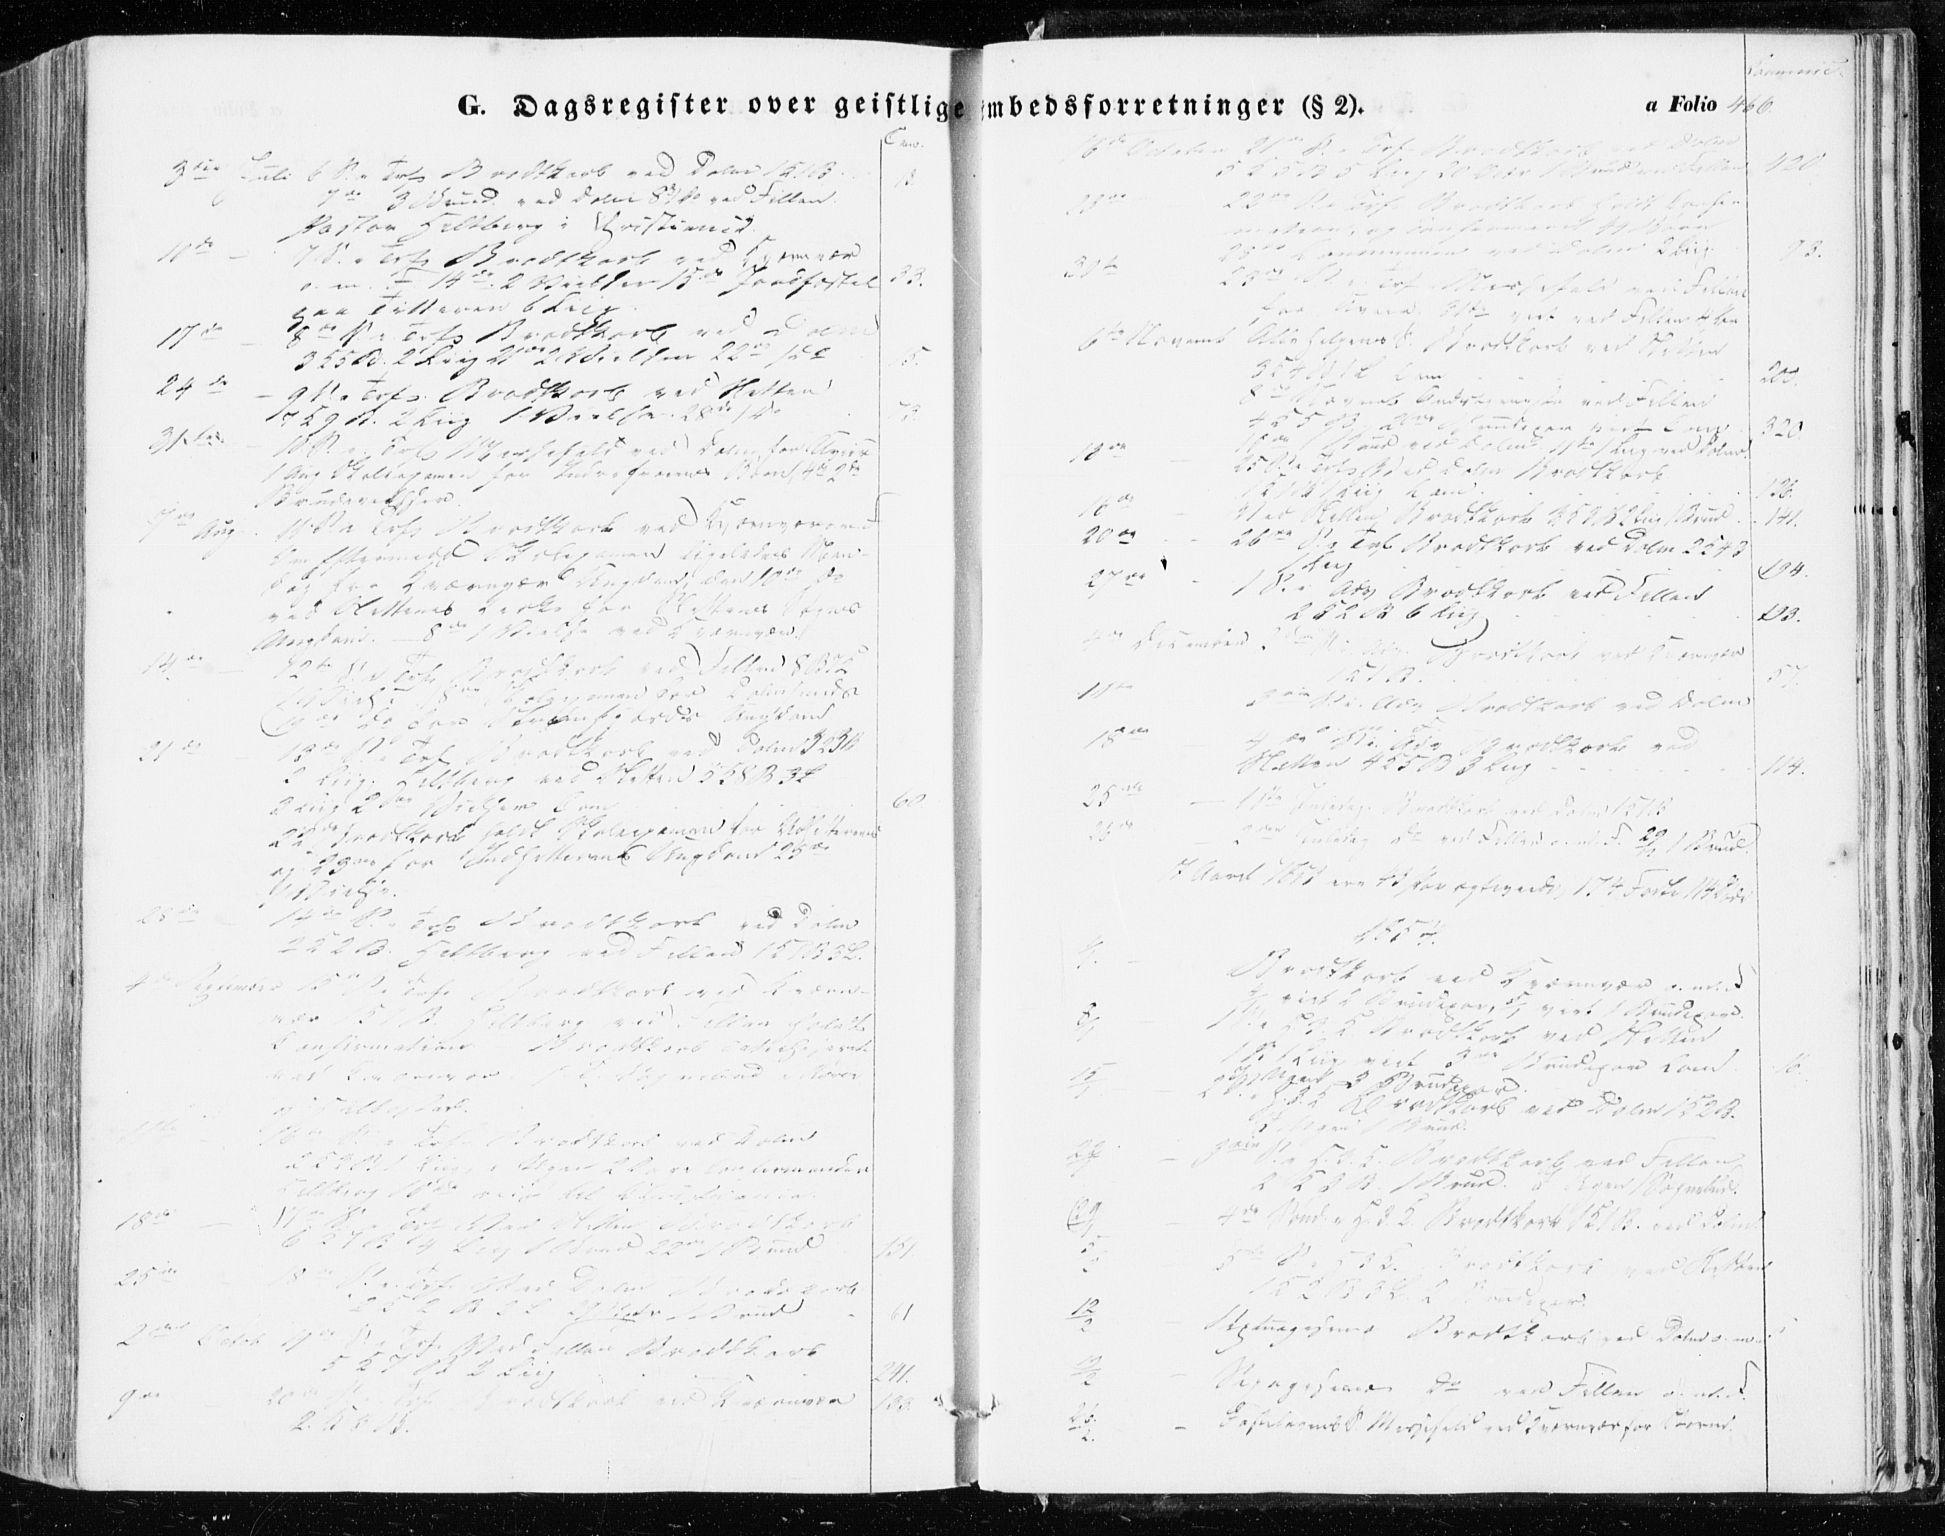 SAT, Ministerialprotokoller, klokkerbøker og fødselsregistre - Sør-Trøndelag, 634/L0530: Ministerialbok nr. 634A06, 1852-1860, s. 466